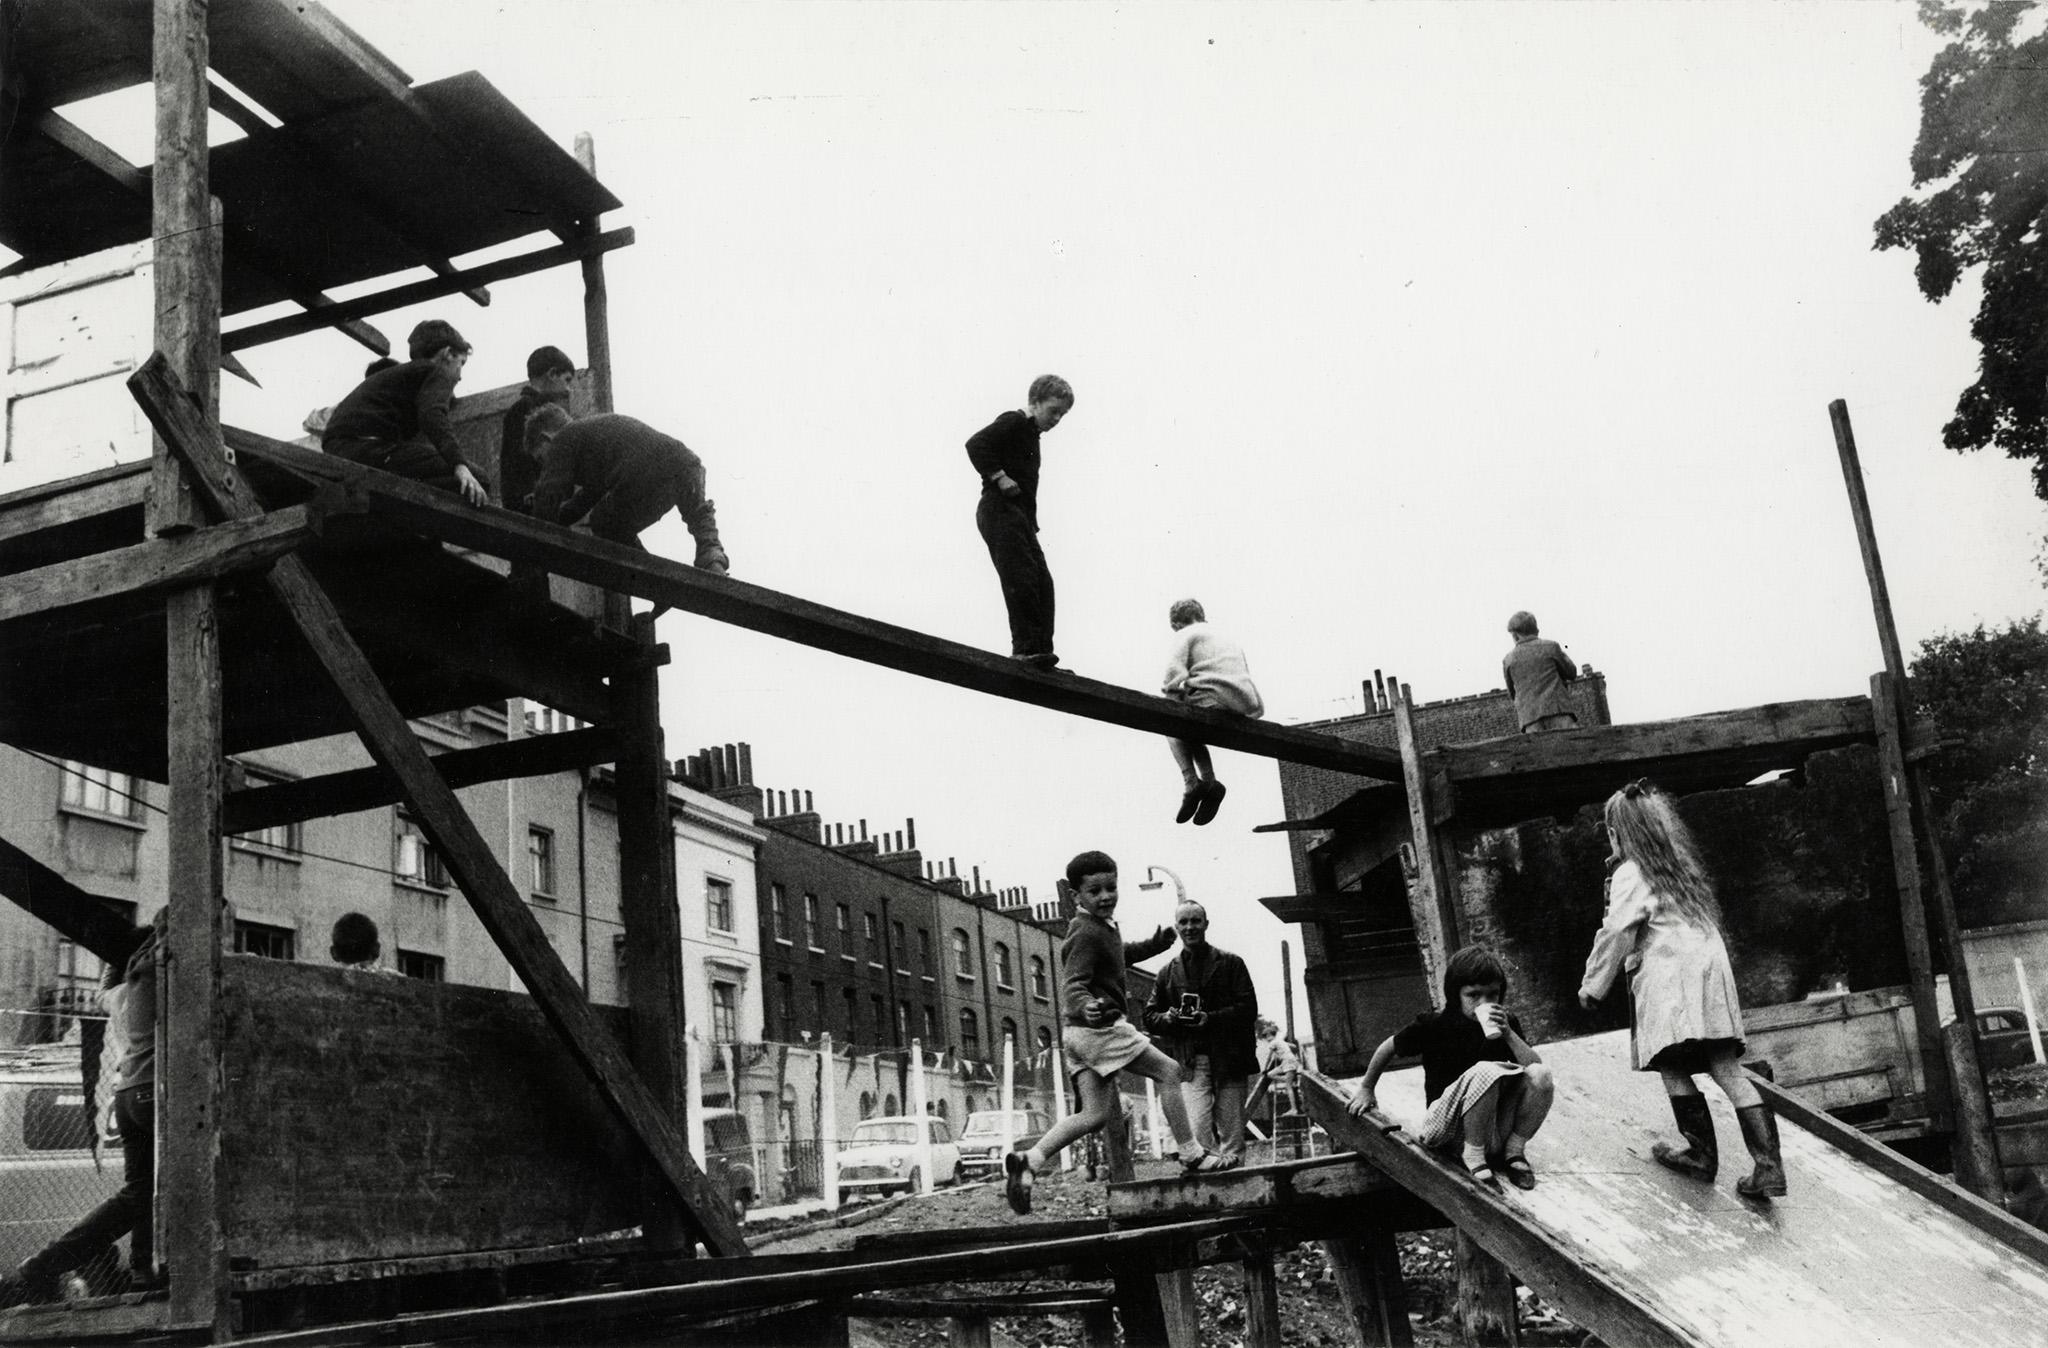 1957.  Детская площадка, Ислингтон, Лондон